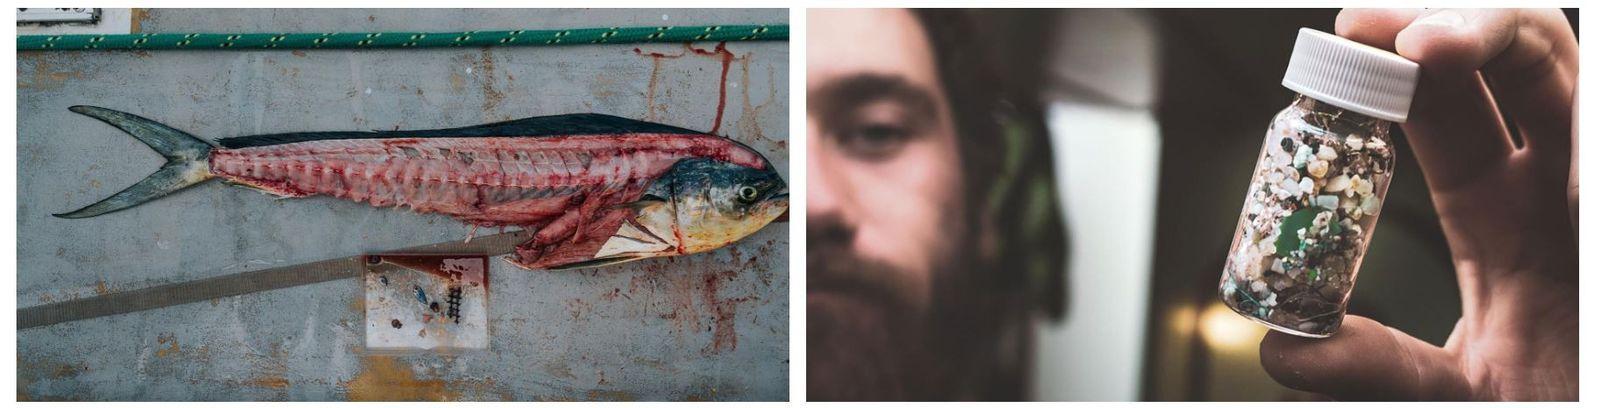 Esquerda: A equipa recolhe amostras dos peixes que captura nas redes. O plástico ao lado deste ...